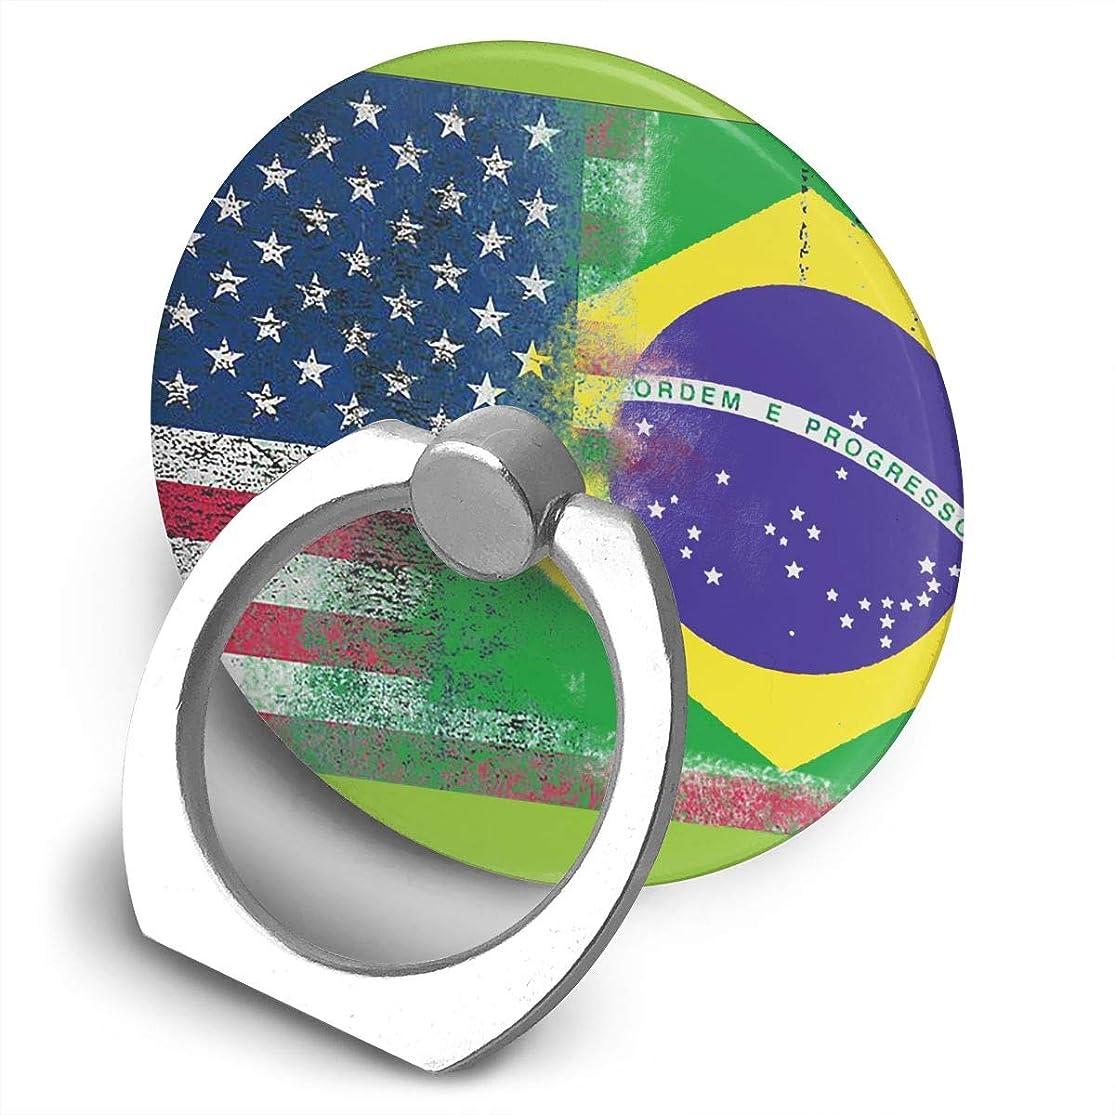 現像余剰泣き叫ぶブラジルの旗 360度回転 携帯リング スタンド スマホスタンド ホルダー 薄型 指輪 リング 携帯アクセサリースタンド機能 落下防止